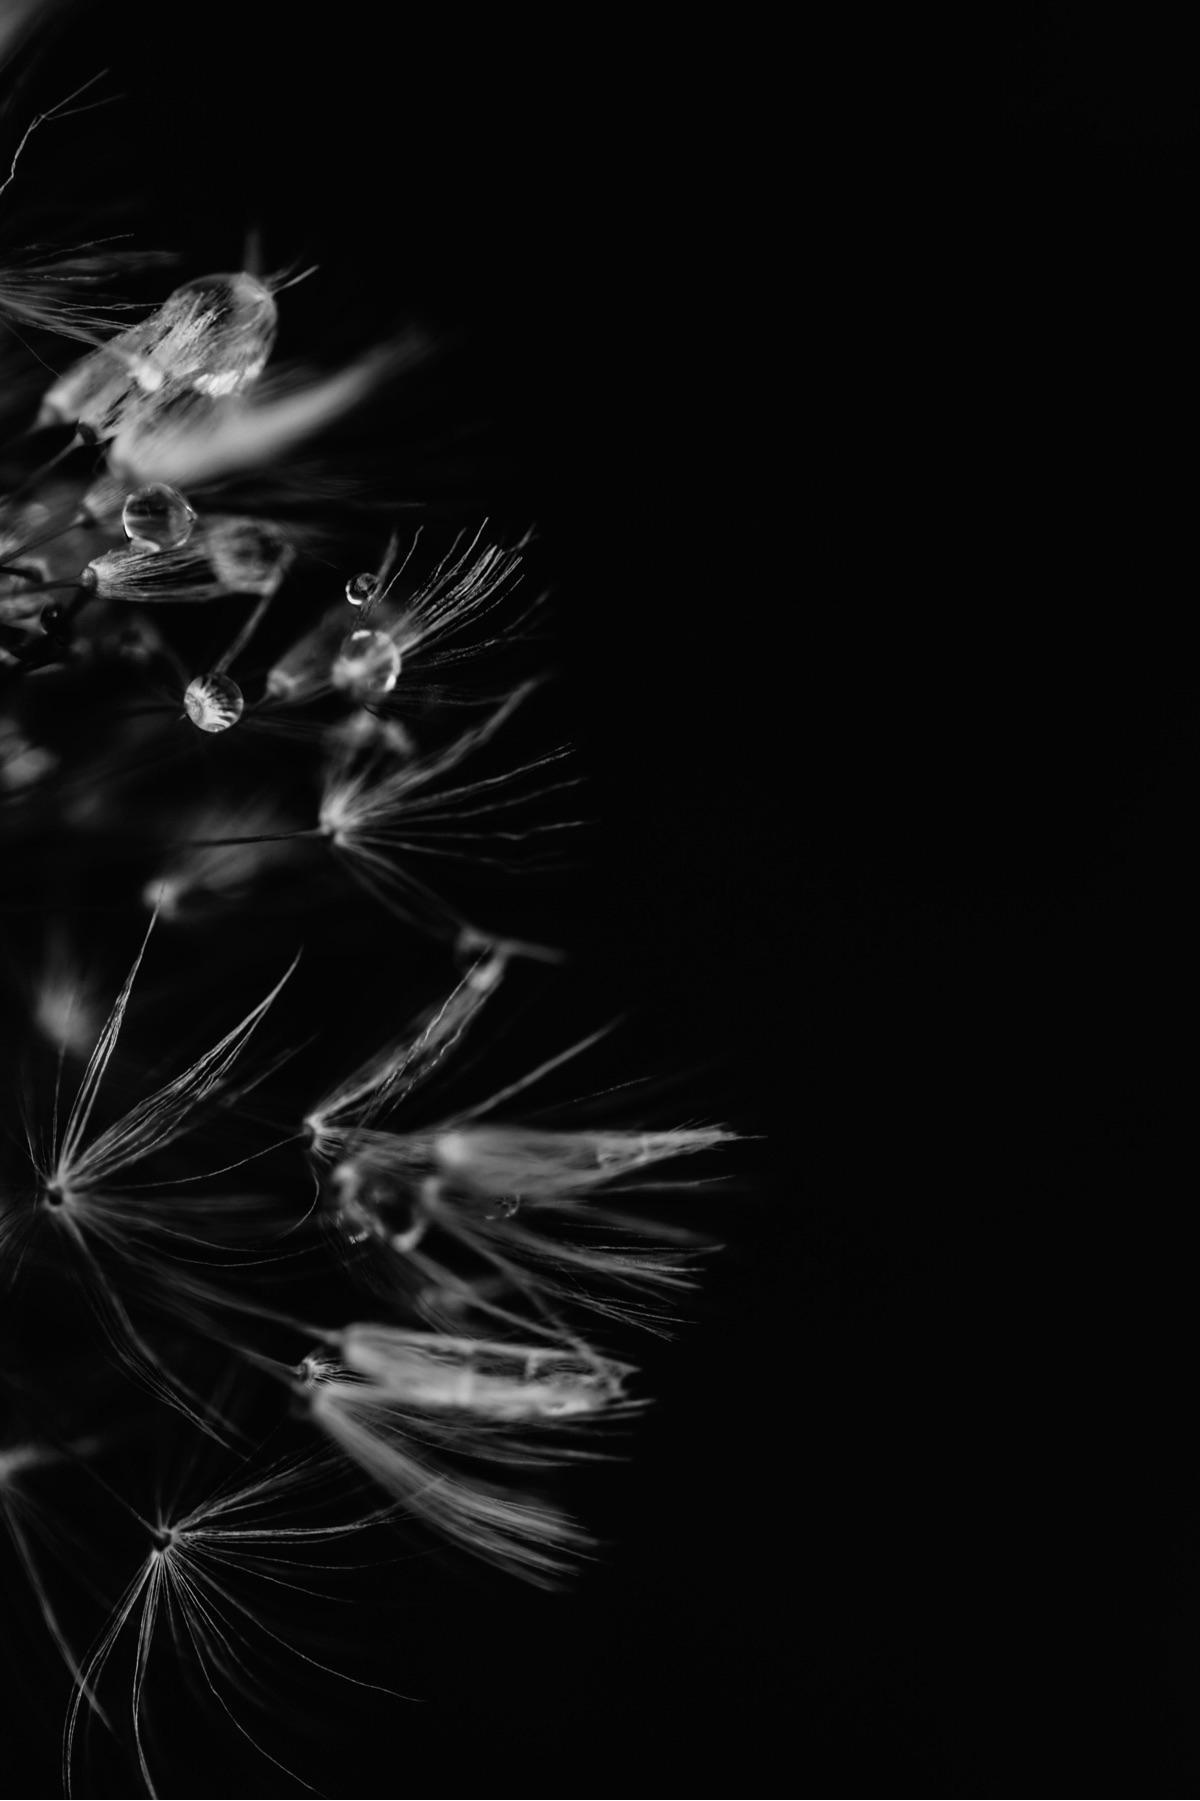 Rainy Wishes.  - macrophotography - jaimeasaro   ello